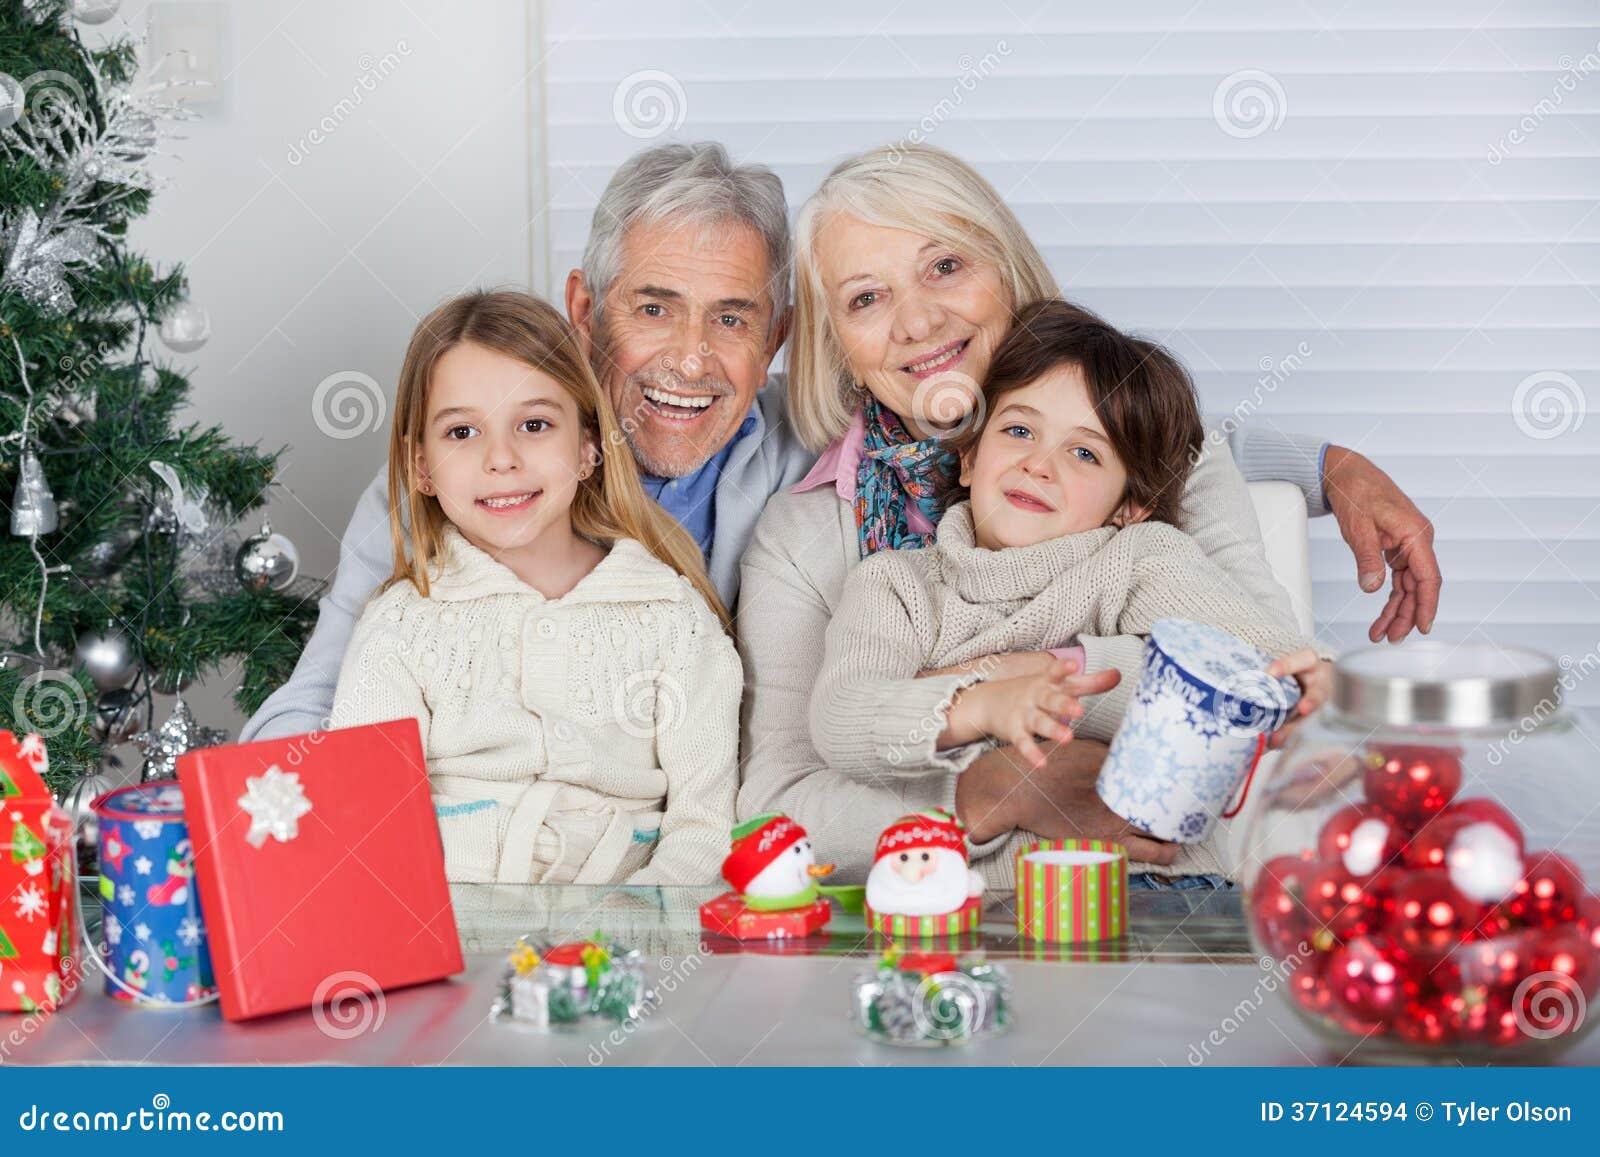 Regali Di Natale Per I Nonni.Bambini E Nonni Con I Regali Di Natale Fotografia Stock